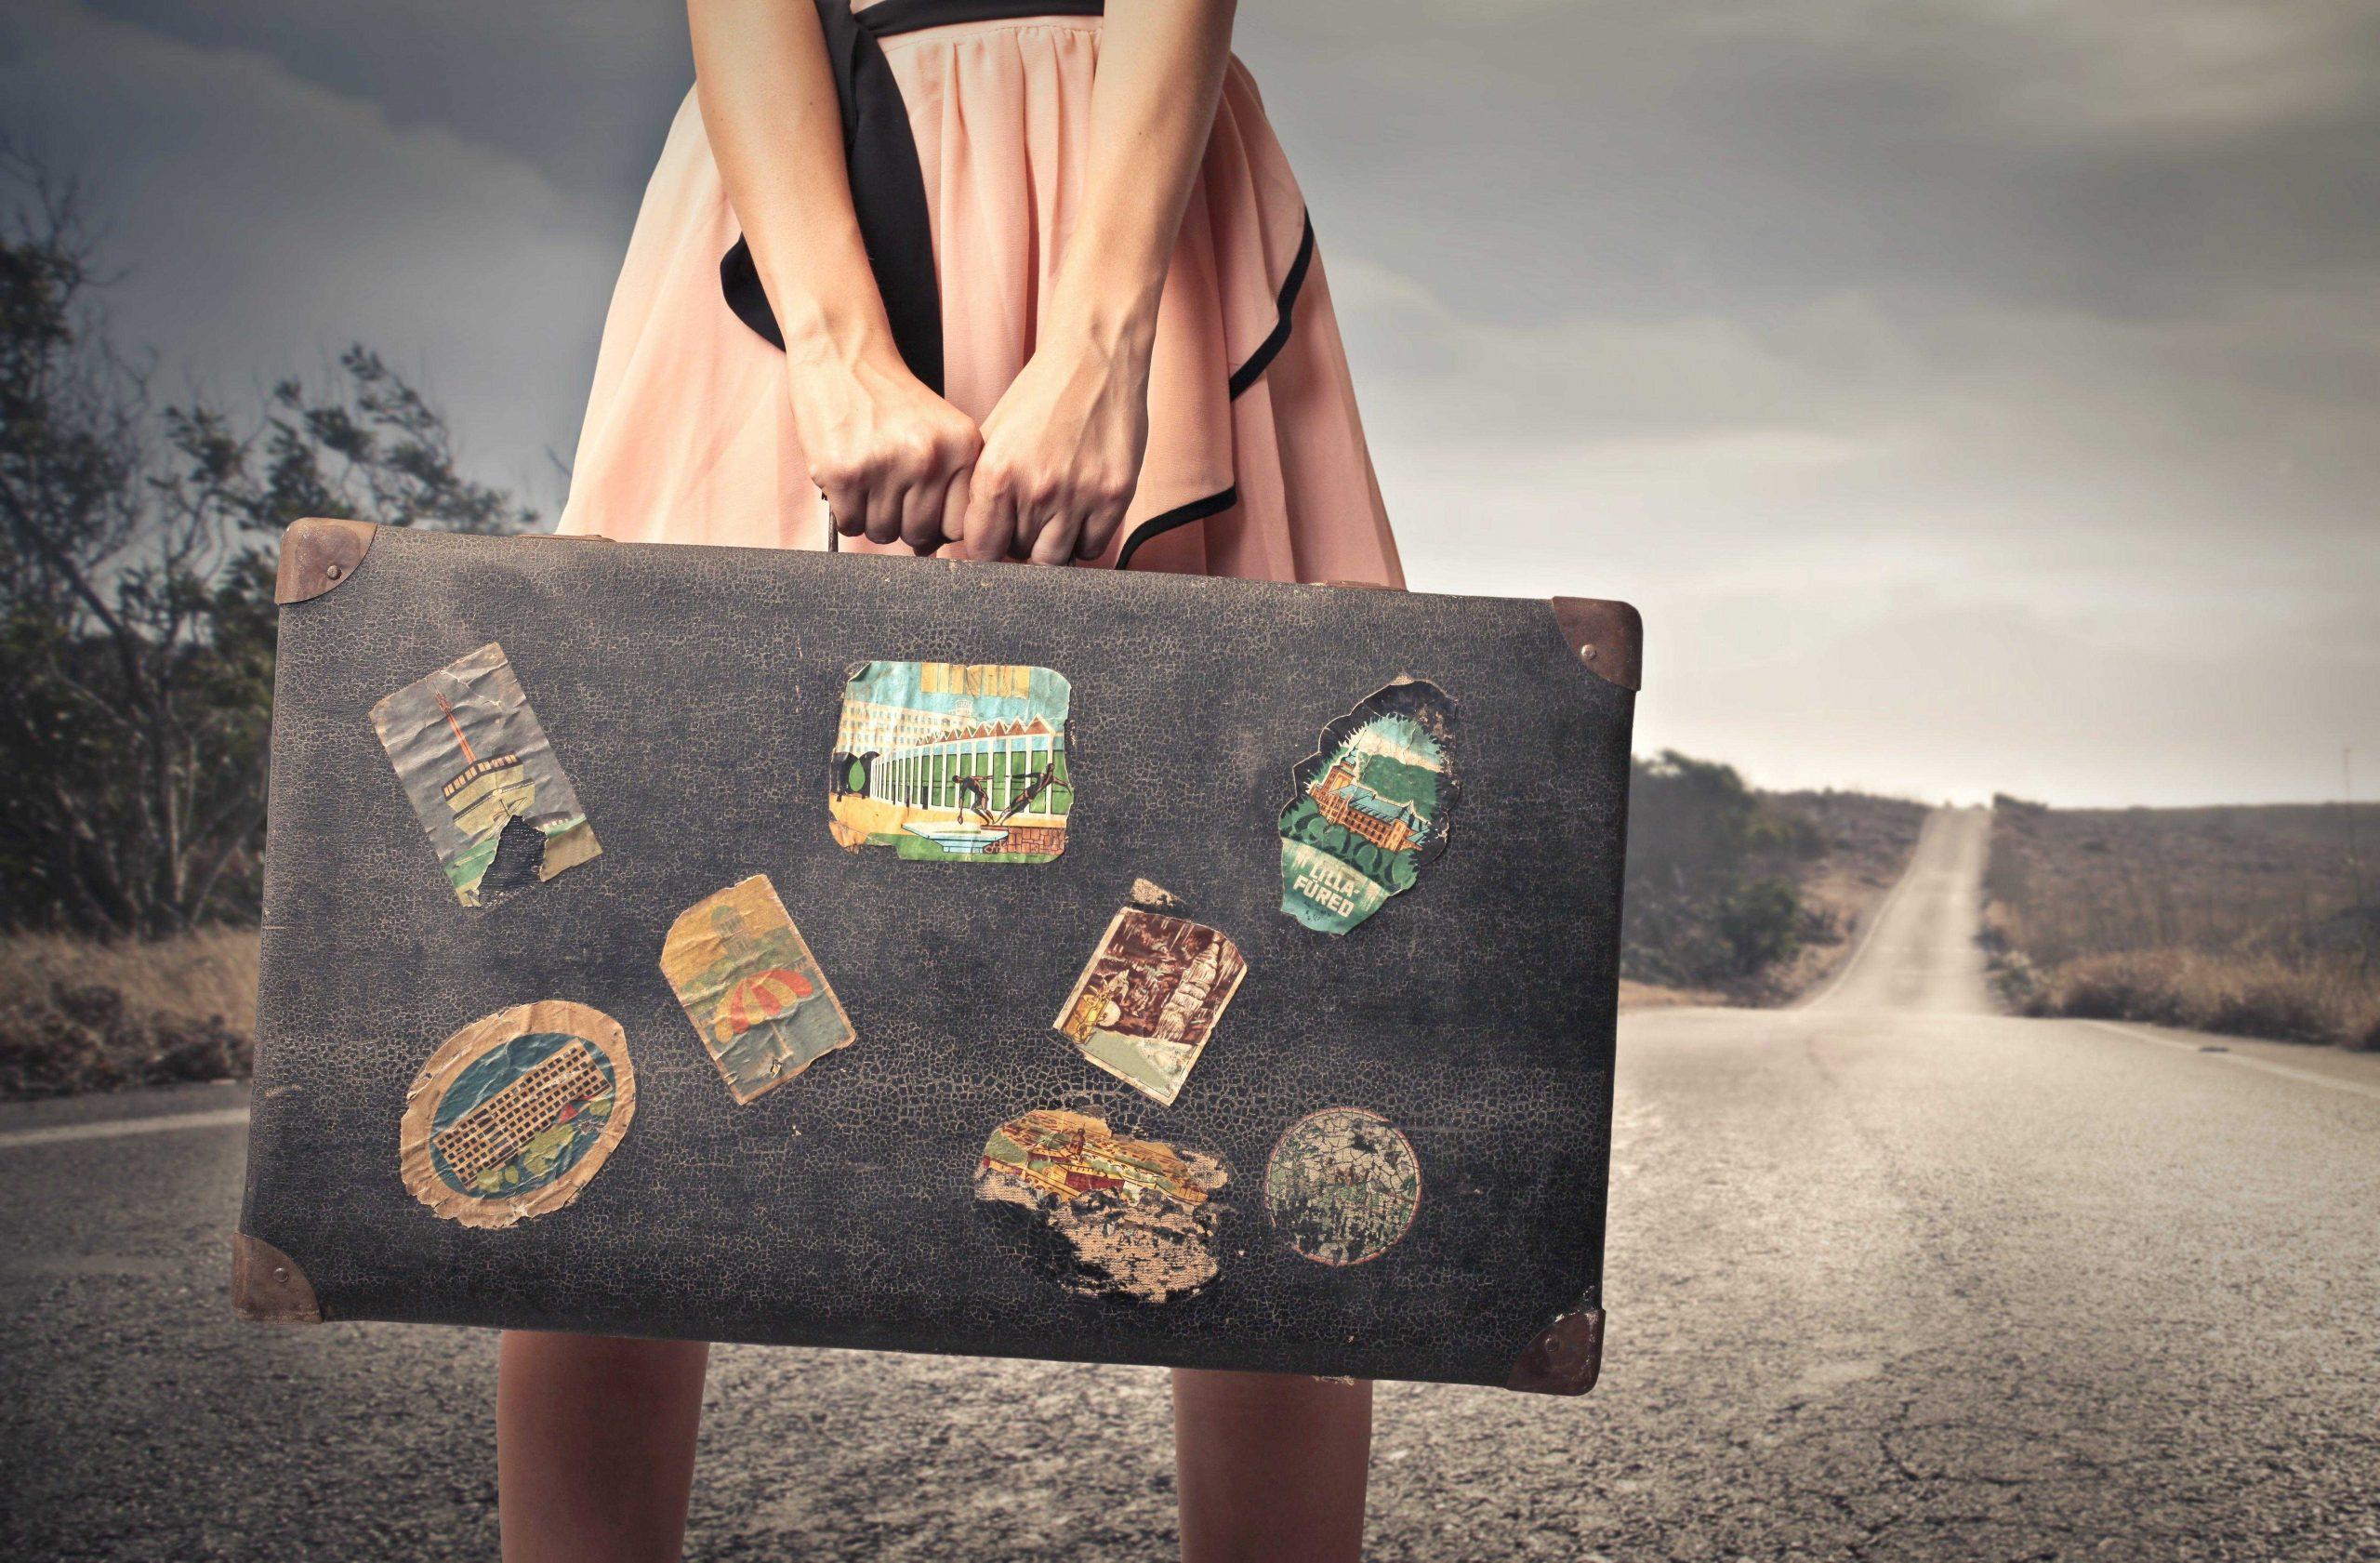 Come viaggeremo il prossimo anno? I trend 2021 per la travel industry